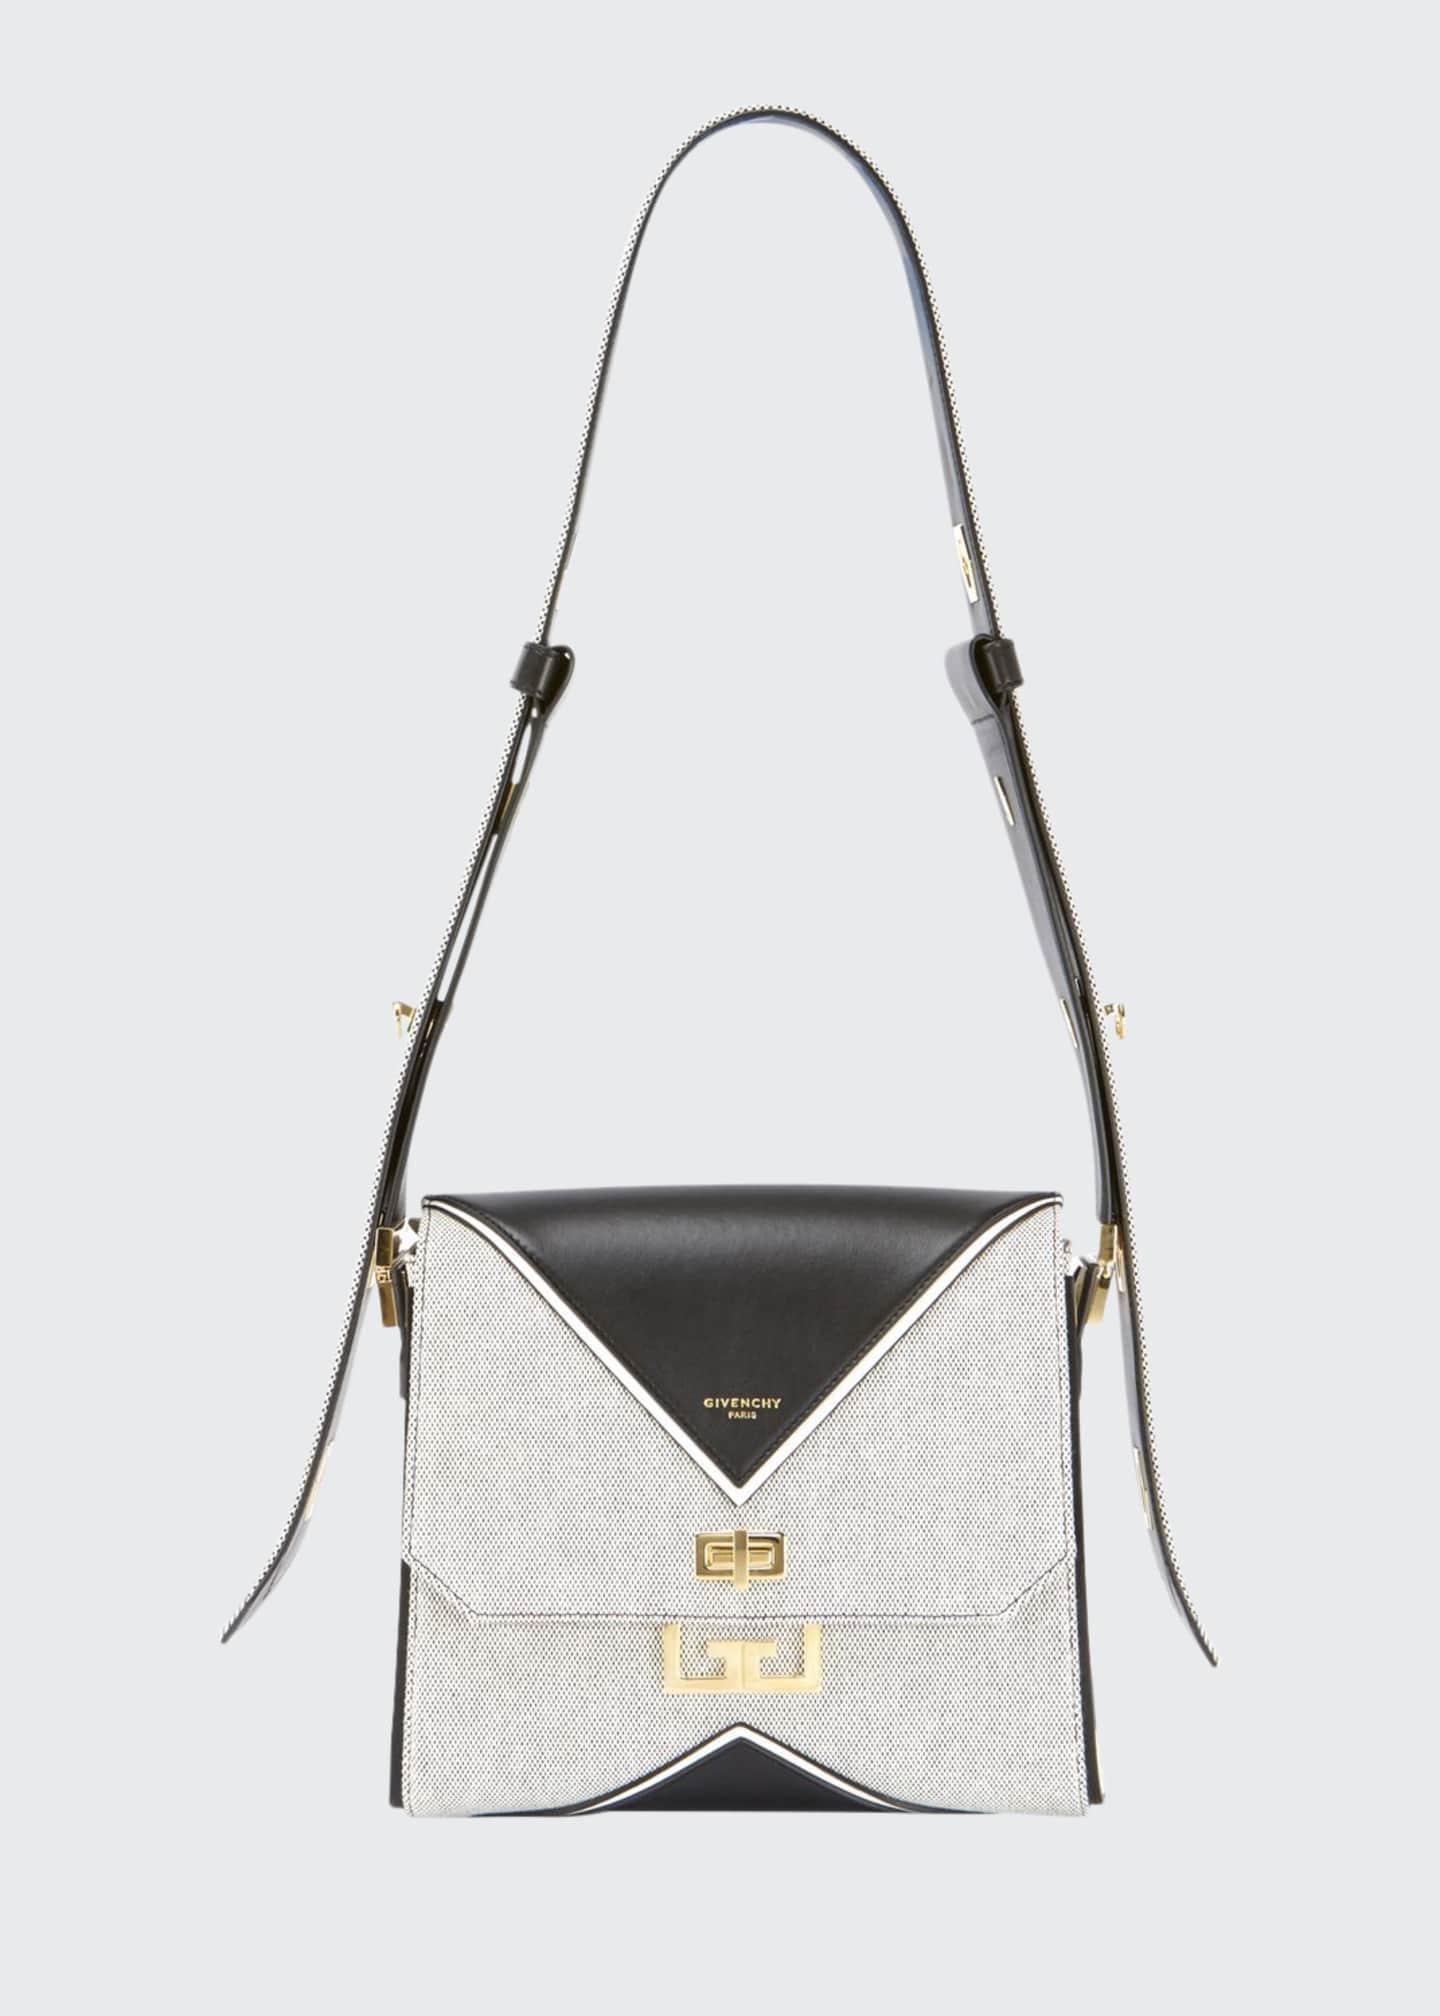 Givenchy Eden Medium Canvas Shoulder Bag